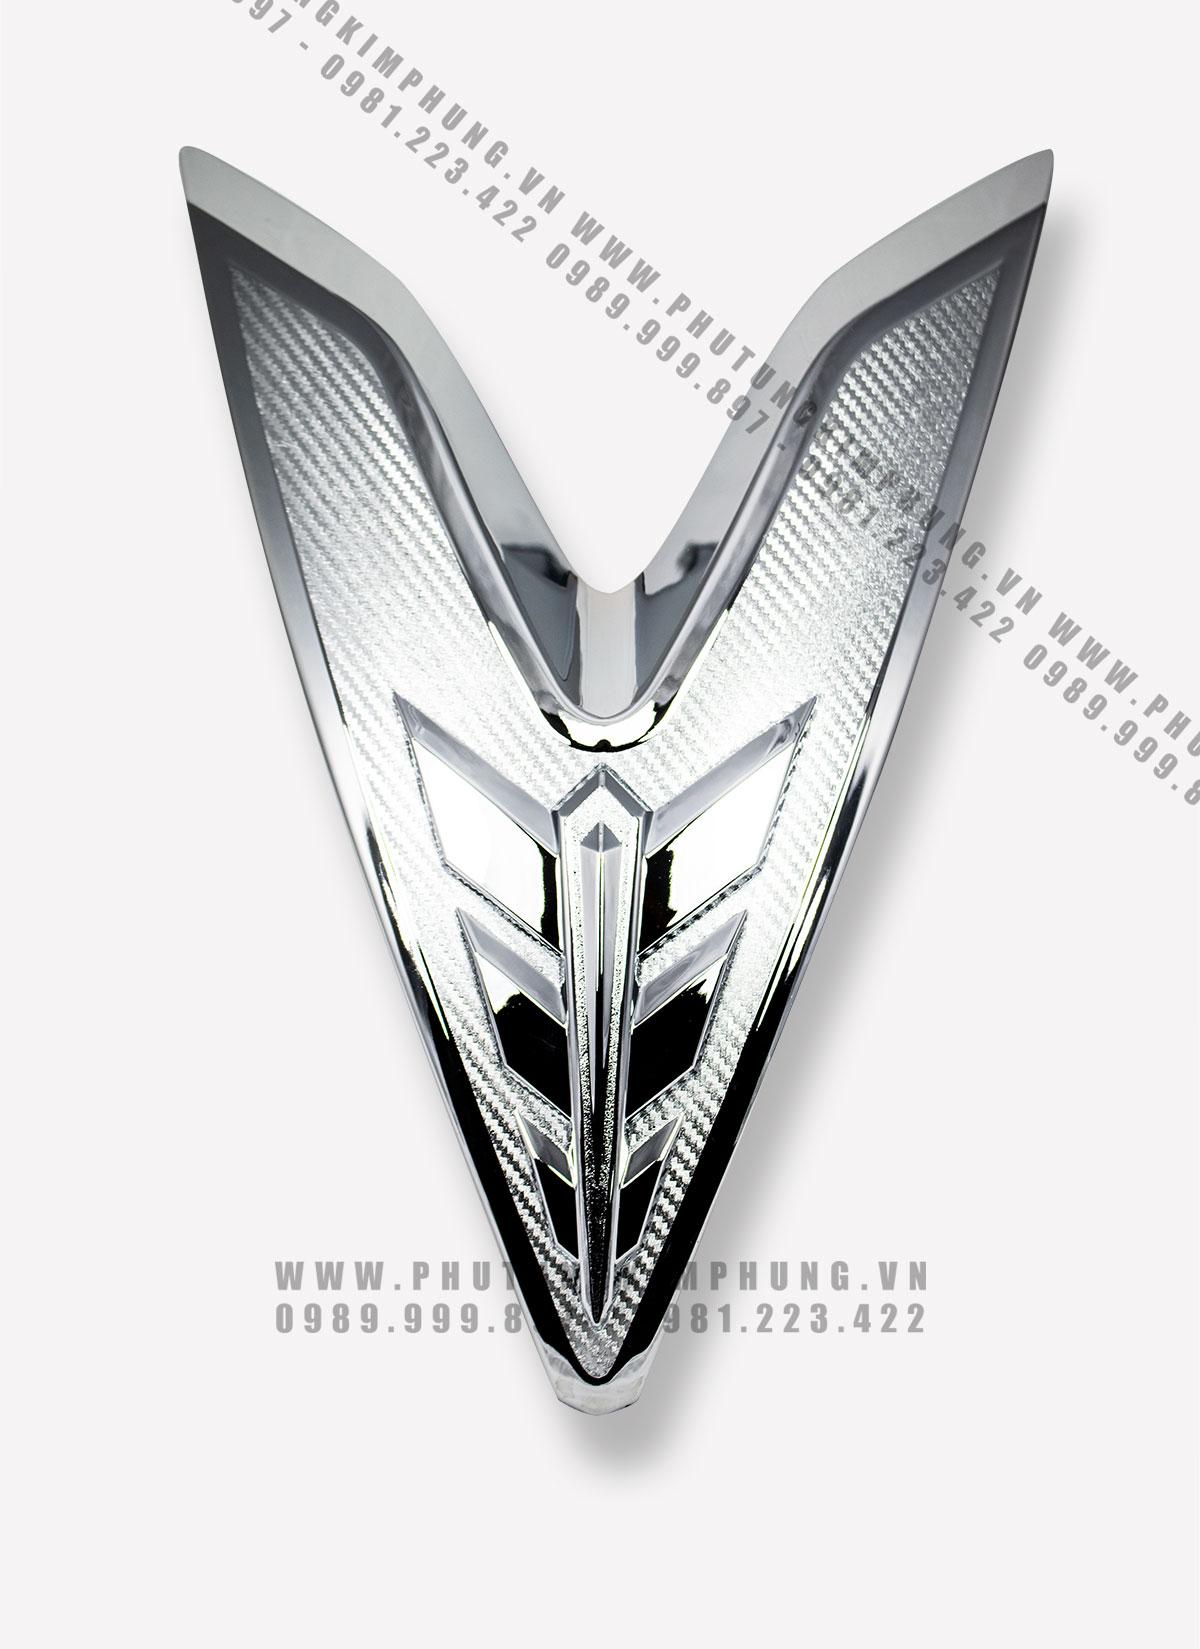 ỐP CHỈ MŨI DƯỚI NVX 155